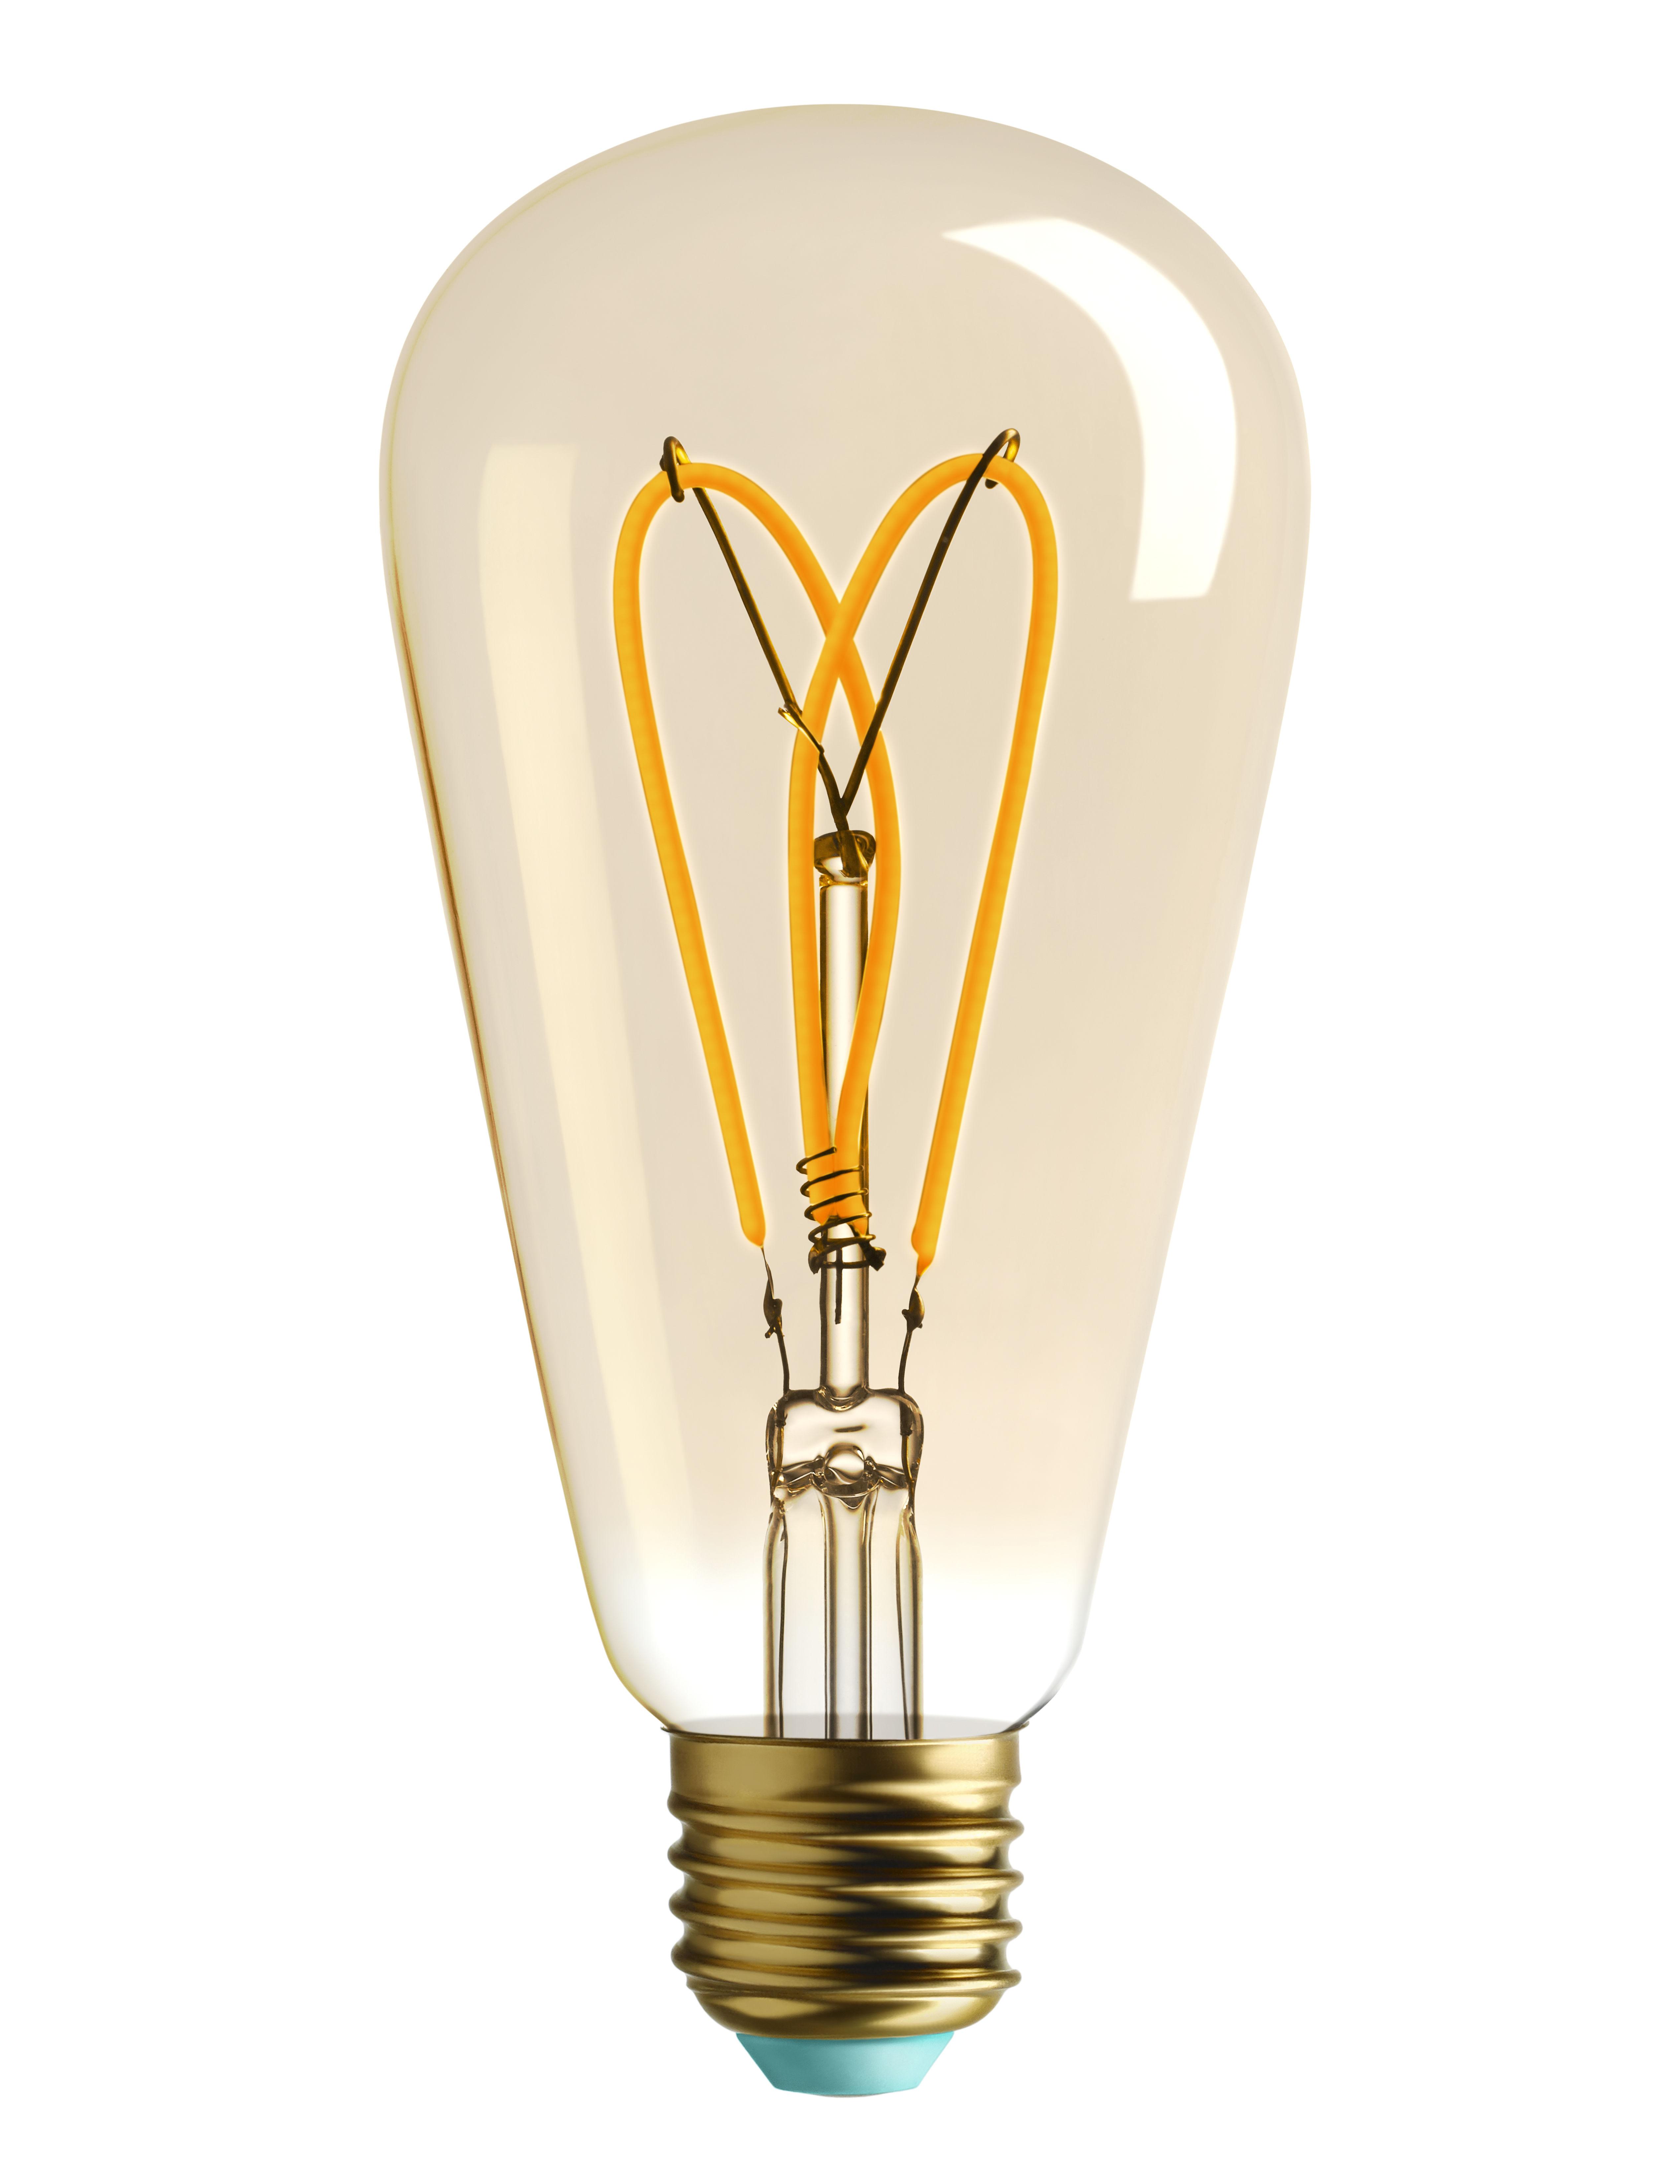 Luminaire - Ampoules et accessoires - Ampoule LED filaments E27 Whirly Willis / 4W (15W) - 140 Lumen - Plumen - Doré / 140 Lumen - Verre